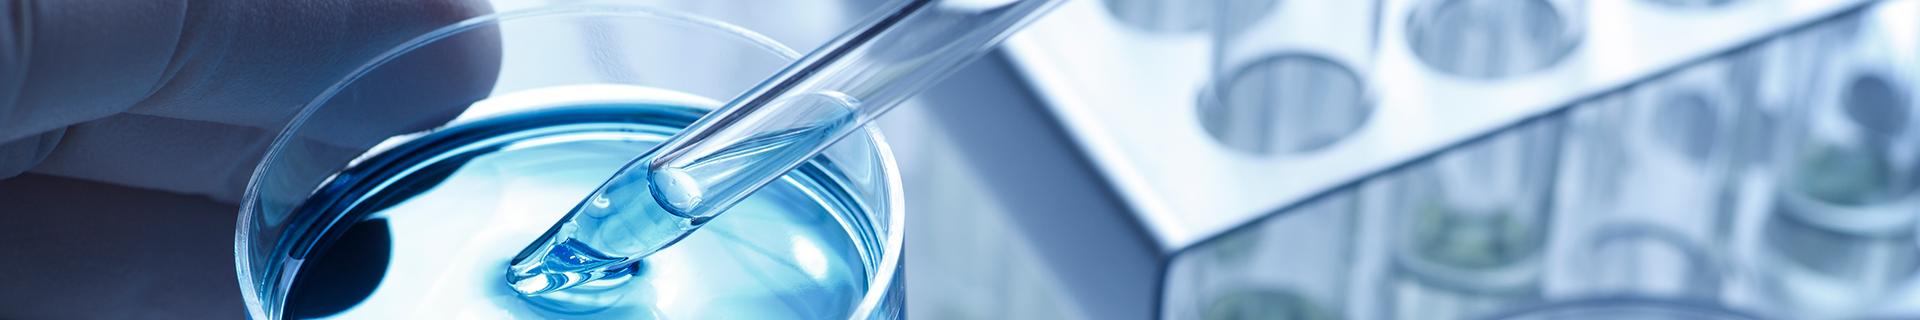 Mikrofluidische Lösungen in der Biologie